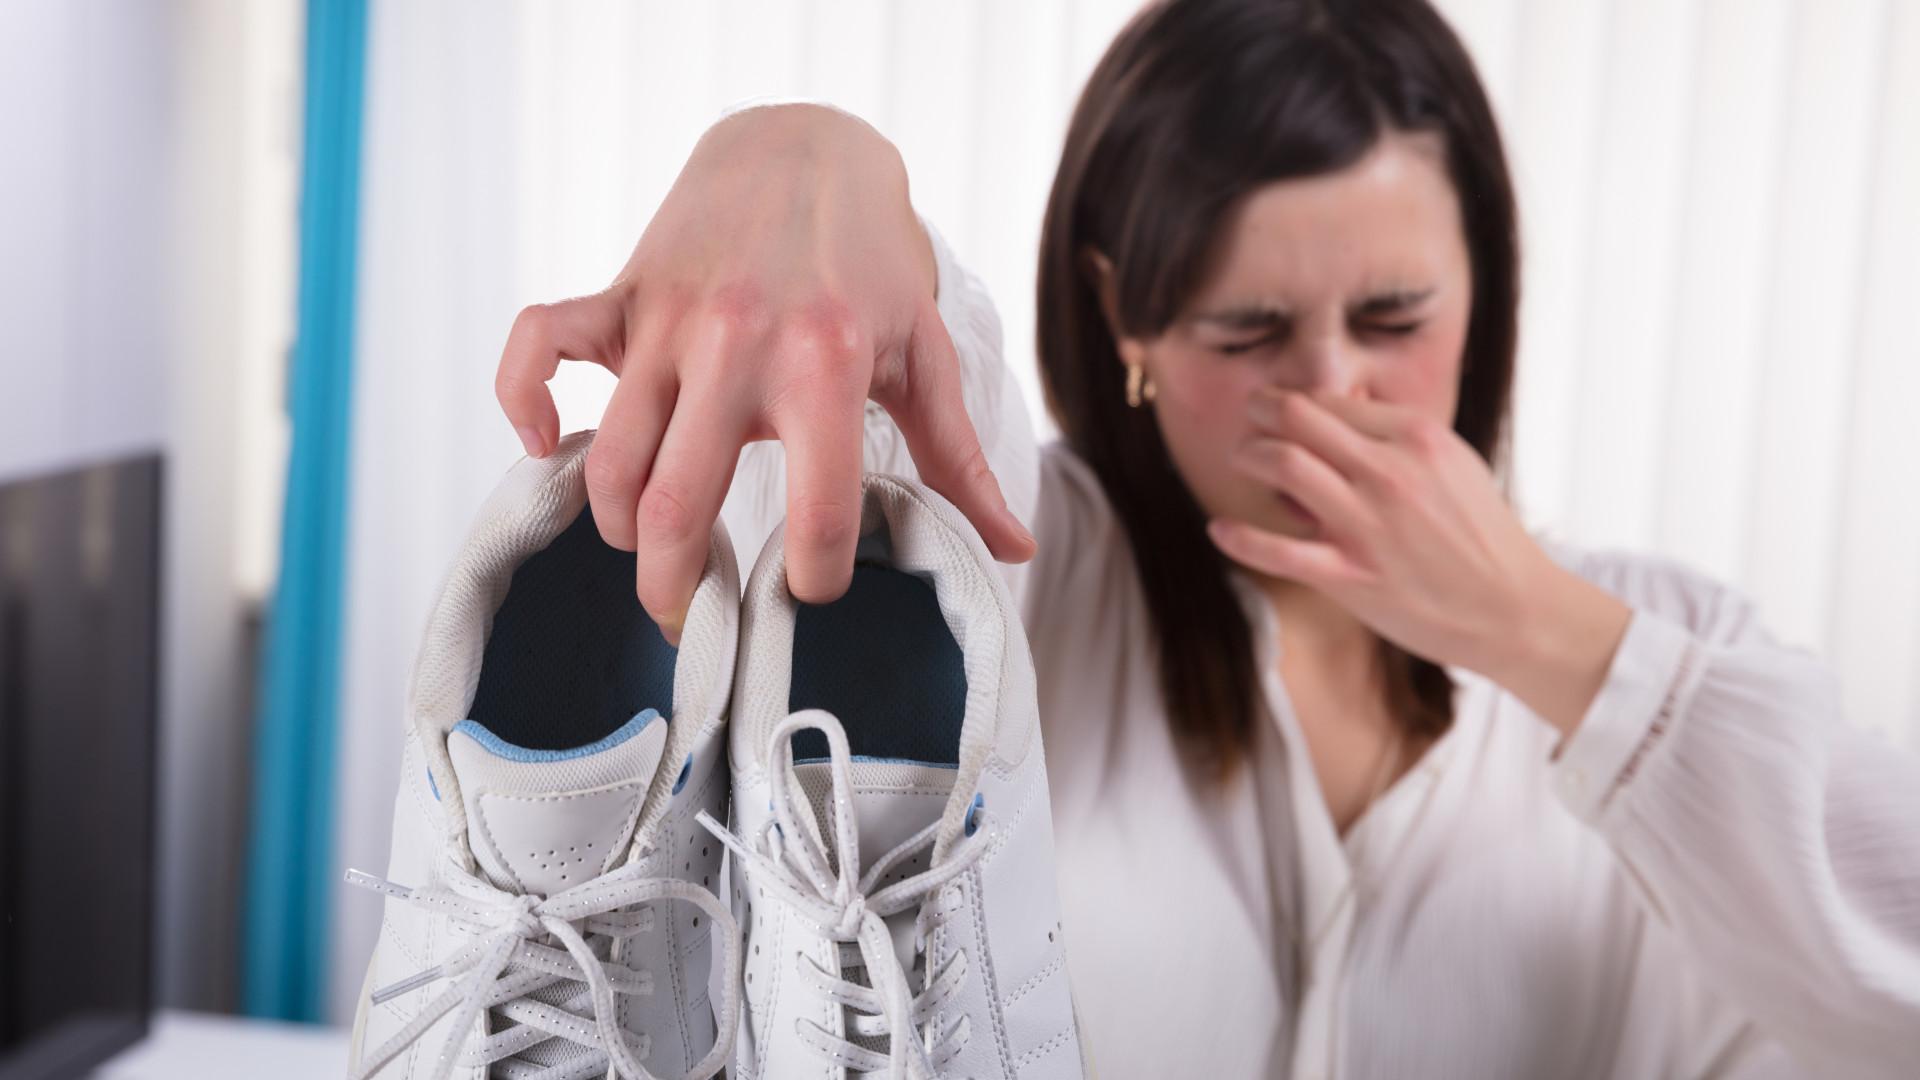 Livre-se do mau cheiro dos pés sem pôr de lado os sapatos favoritos